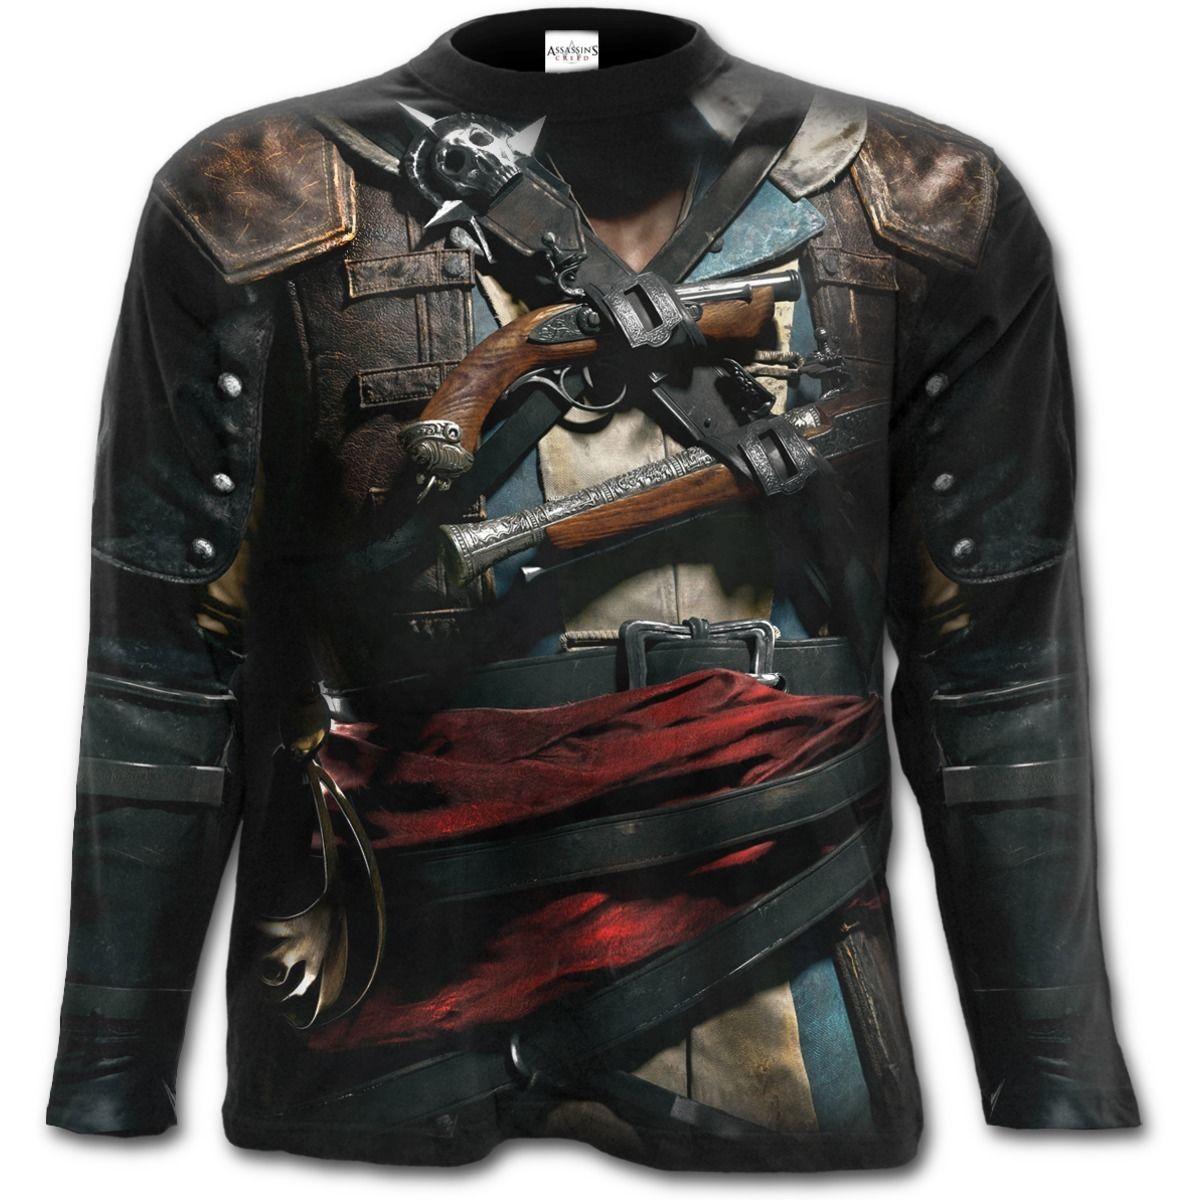 rebelsmarket_assassins_creed_long_sleeve_t_shirt_t_shirts_3.jpg